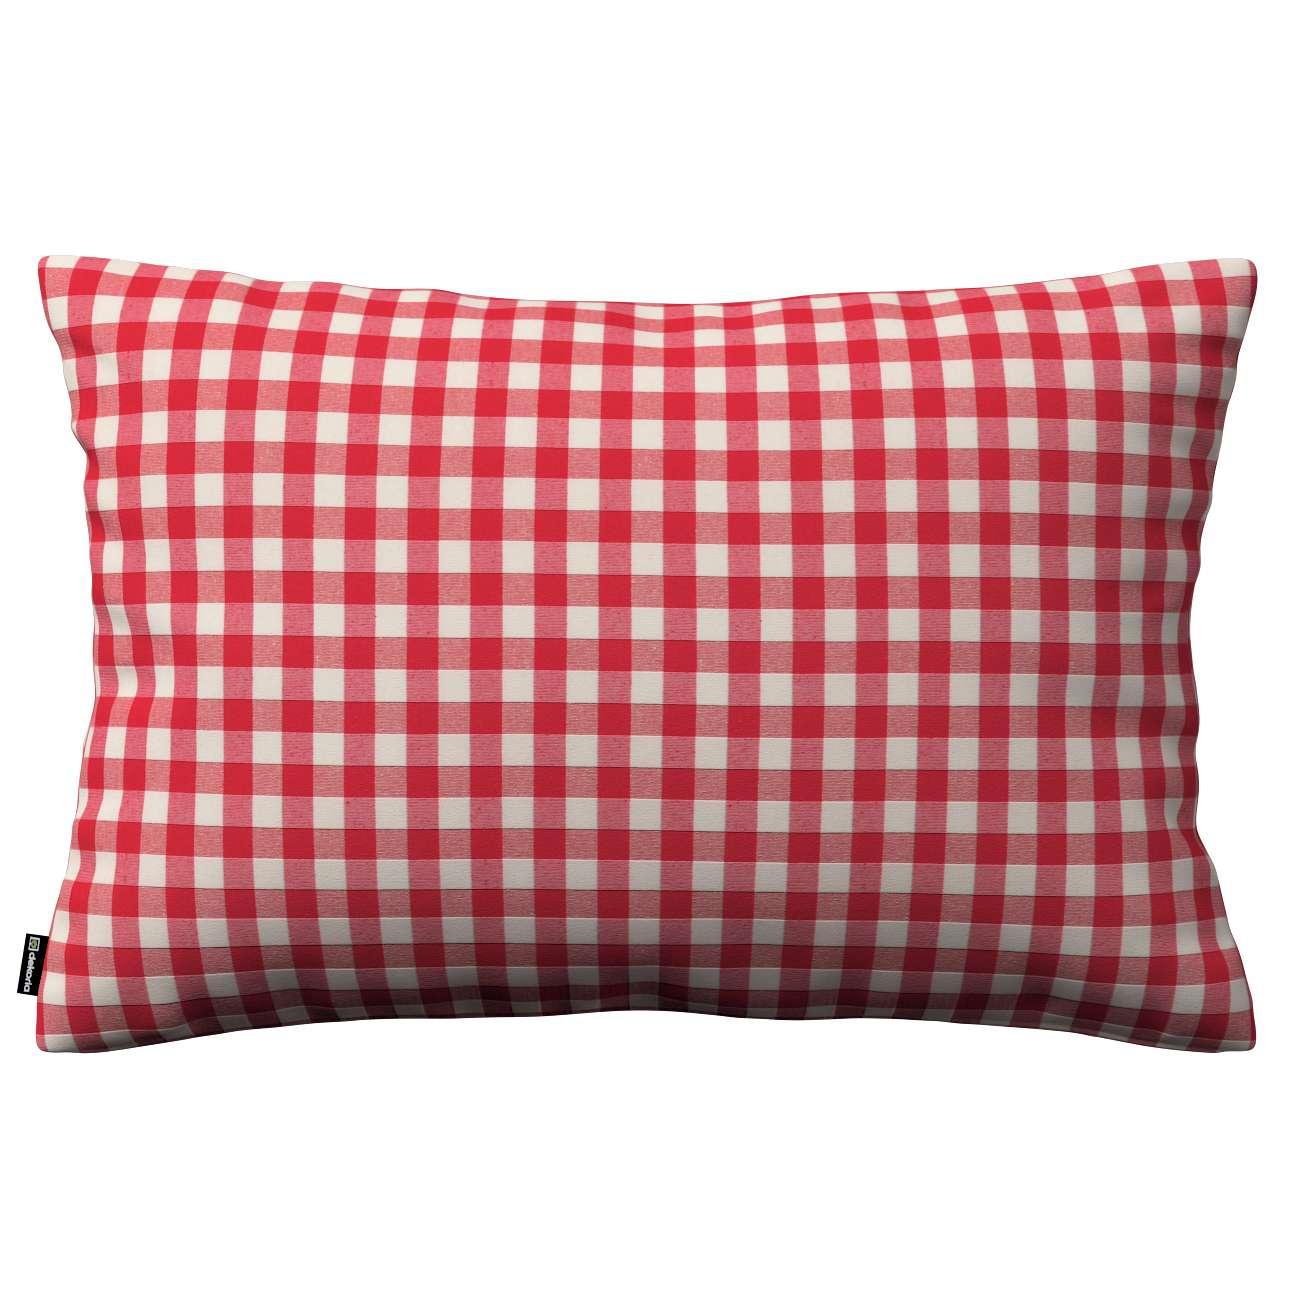 Poszewka Kinga na poduszkę prostokątną 60 x 40 cm w kolekcji Quadro, tkanina: 136-16